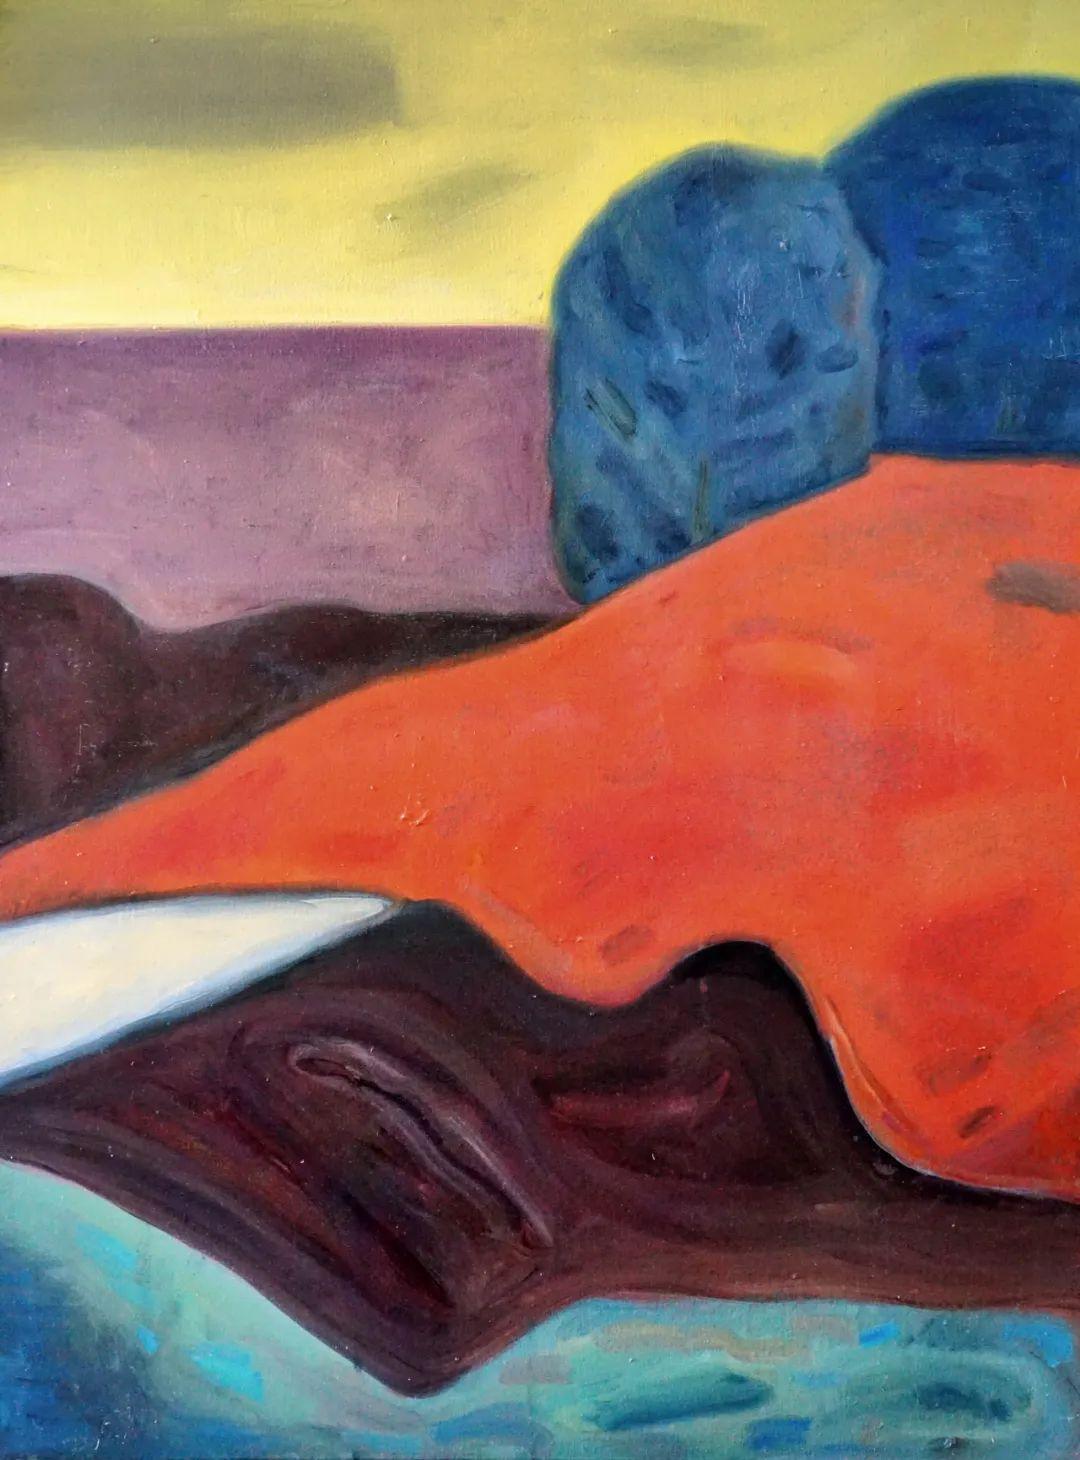 莫日根   用绘画寻找灵魂栖居之所 第6张 莫日根   用绘画寻找灵魂栖居之所 蒙古画廊